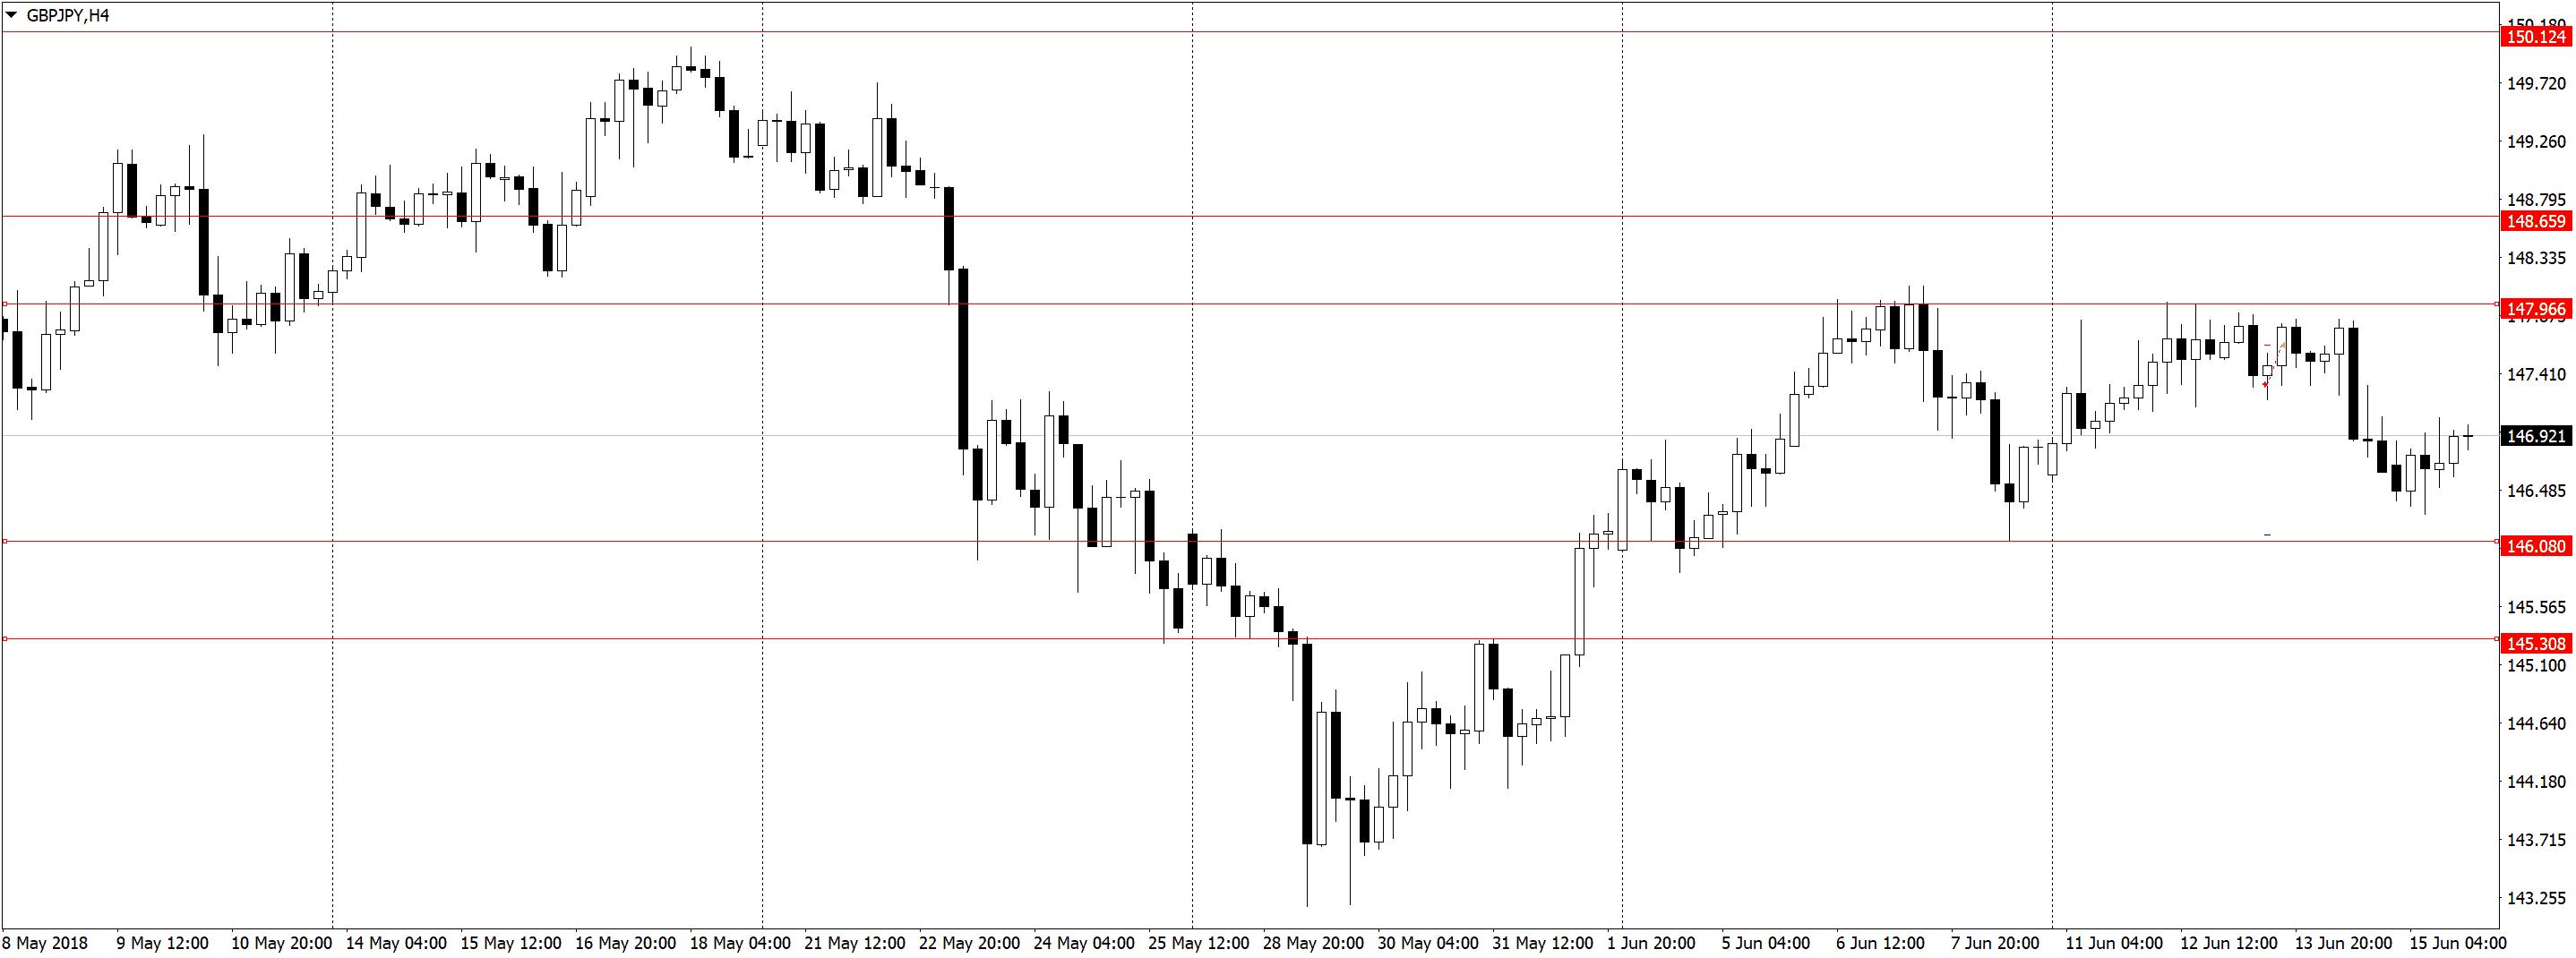 GBPJPYH4 Усталость от трейдинга, торговля акций, переторговка